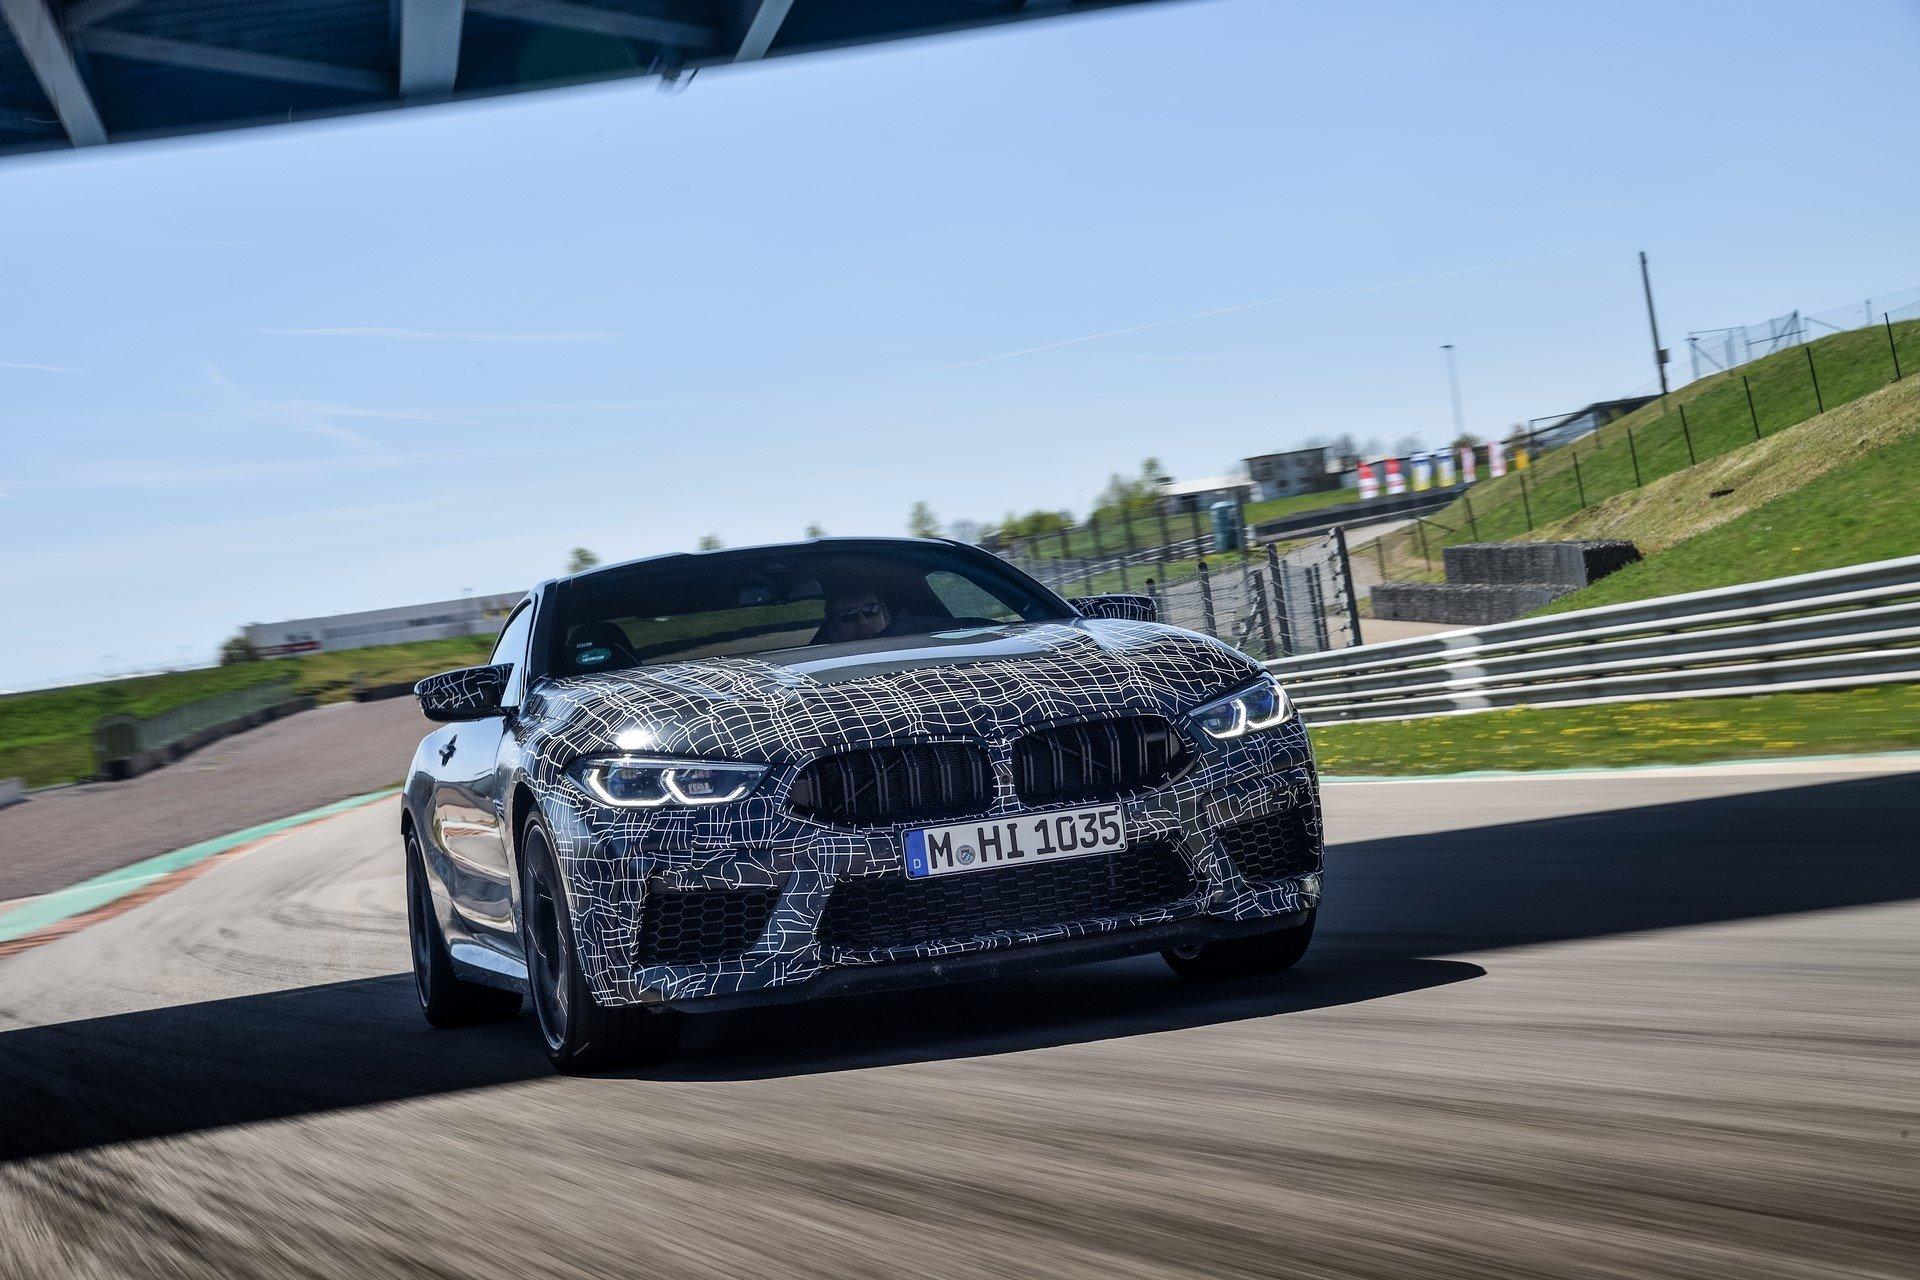 BMW-M8-spy-photos-25